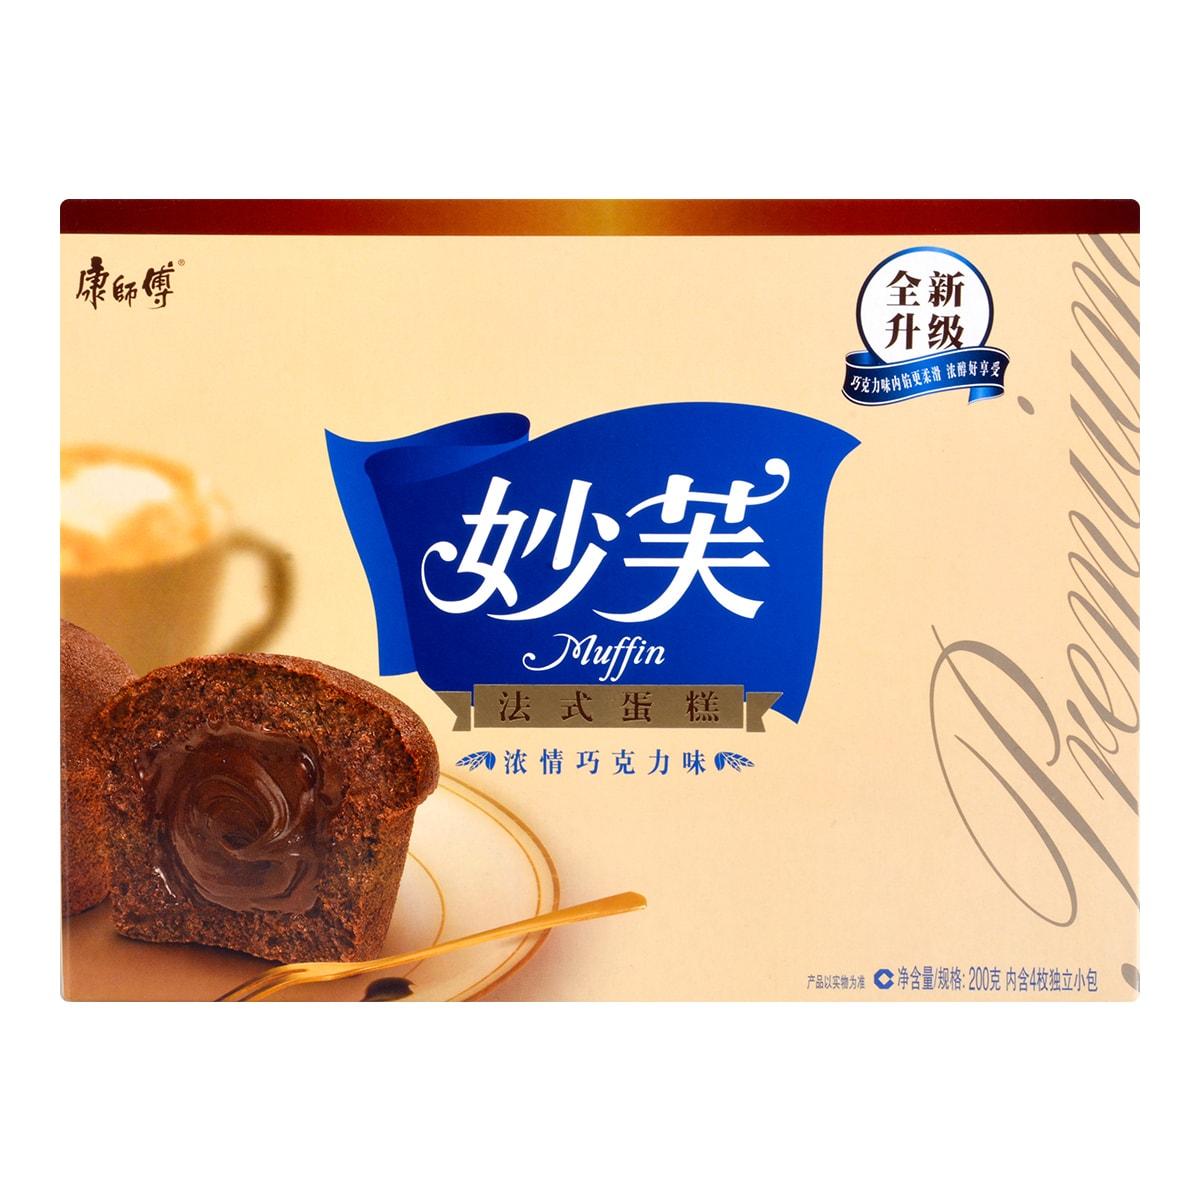 康师傅 妙芙法式蛋糕 浓情巧克力味 200g